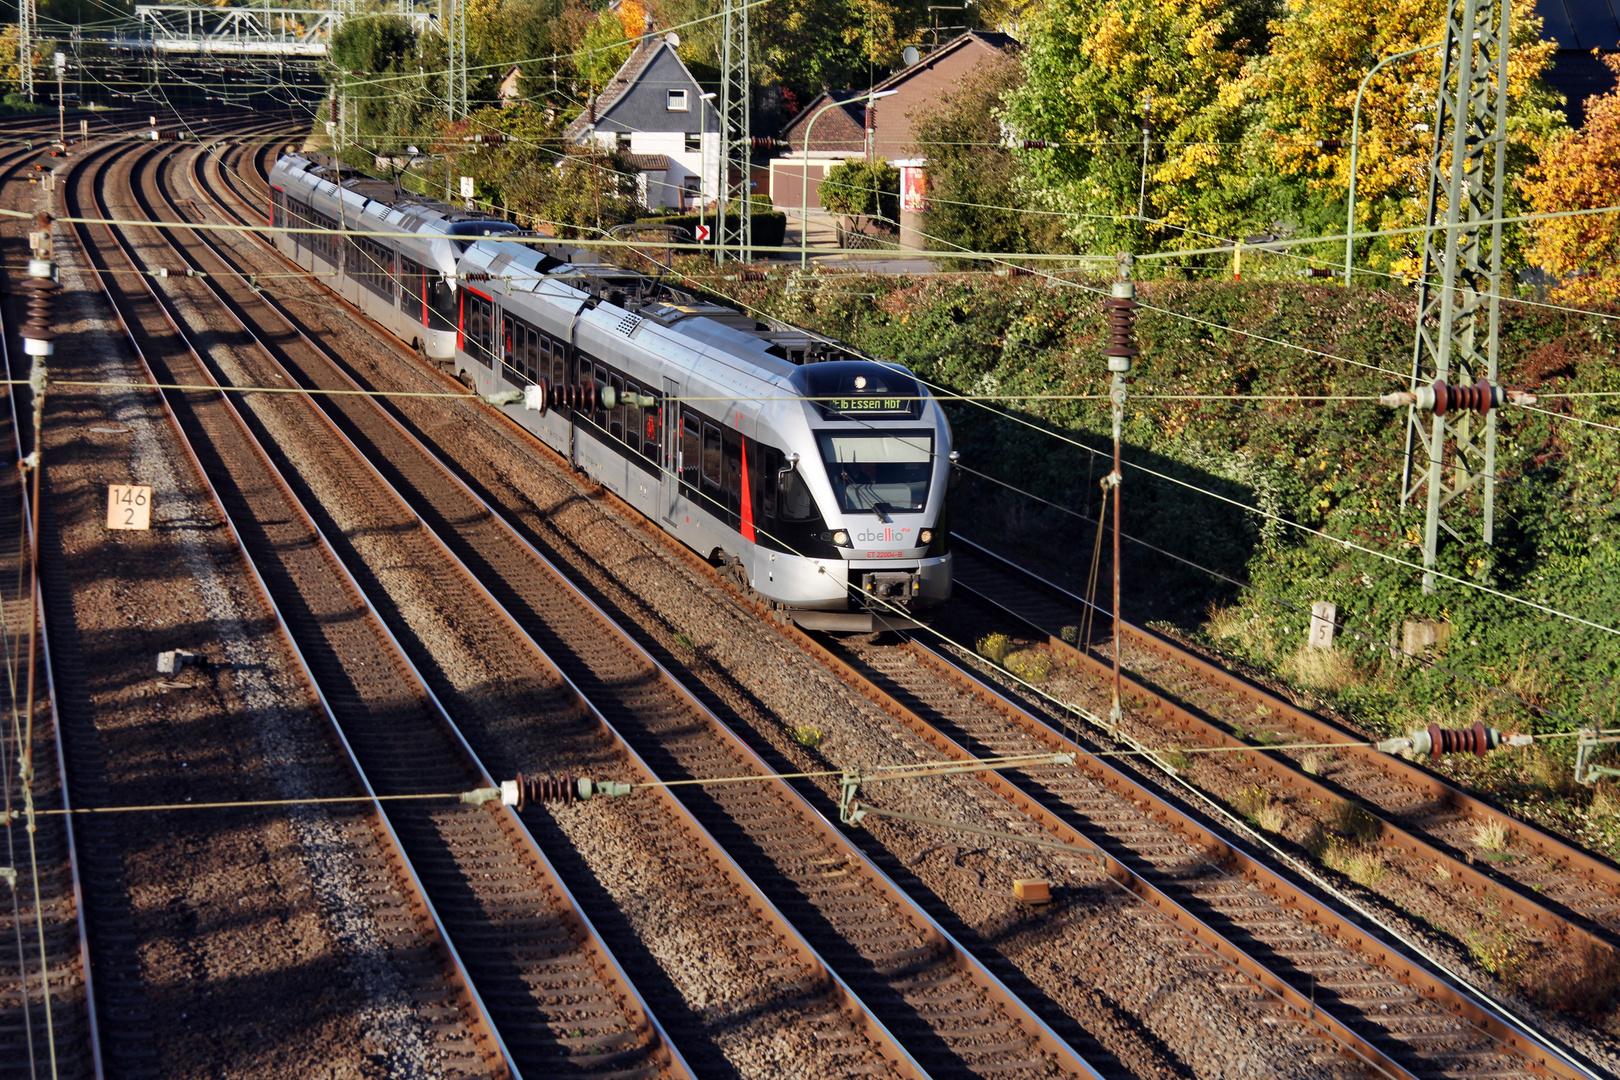 Abellio in Hohenlimburg Richtung Essen durchfährt am 15.10.2012 Hagen Hengstey Richtung Hagen HBF